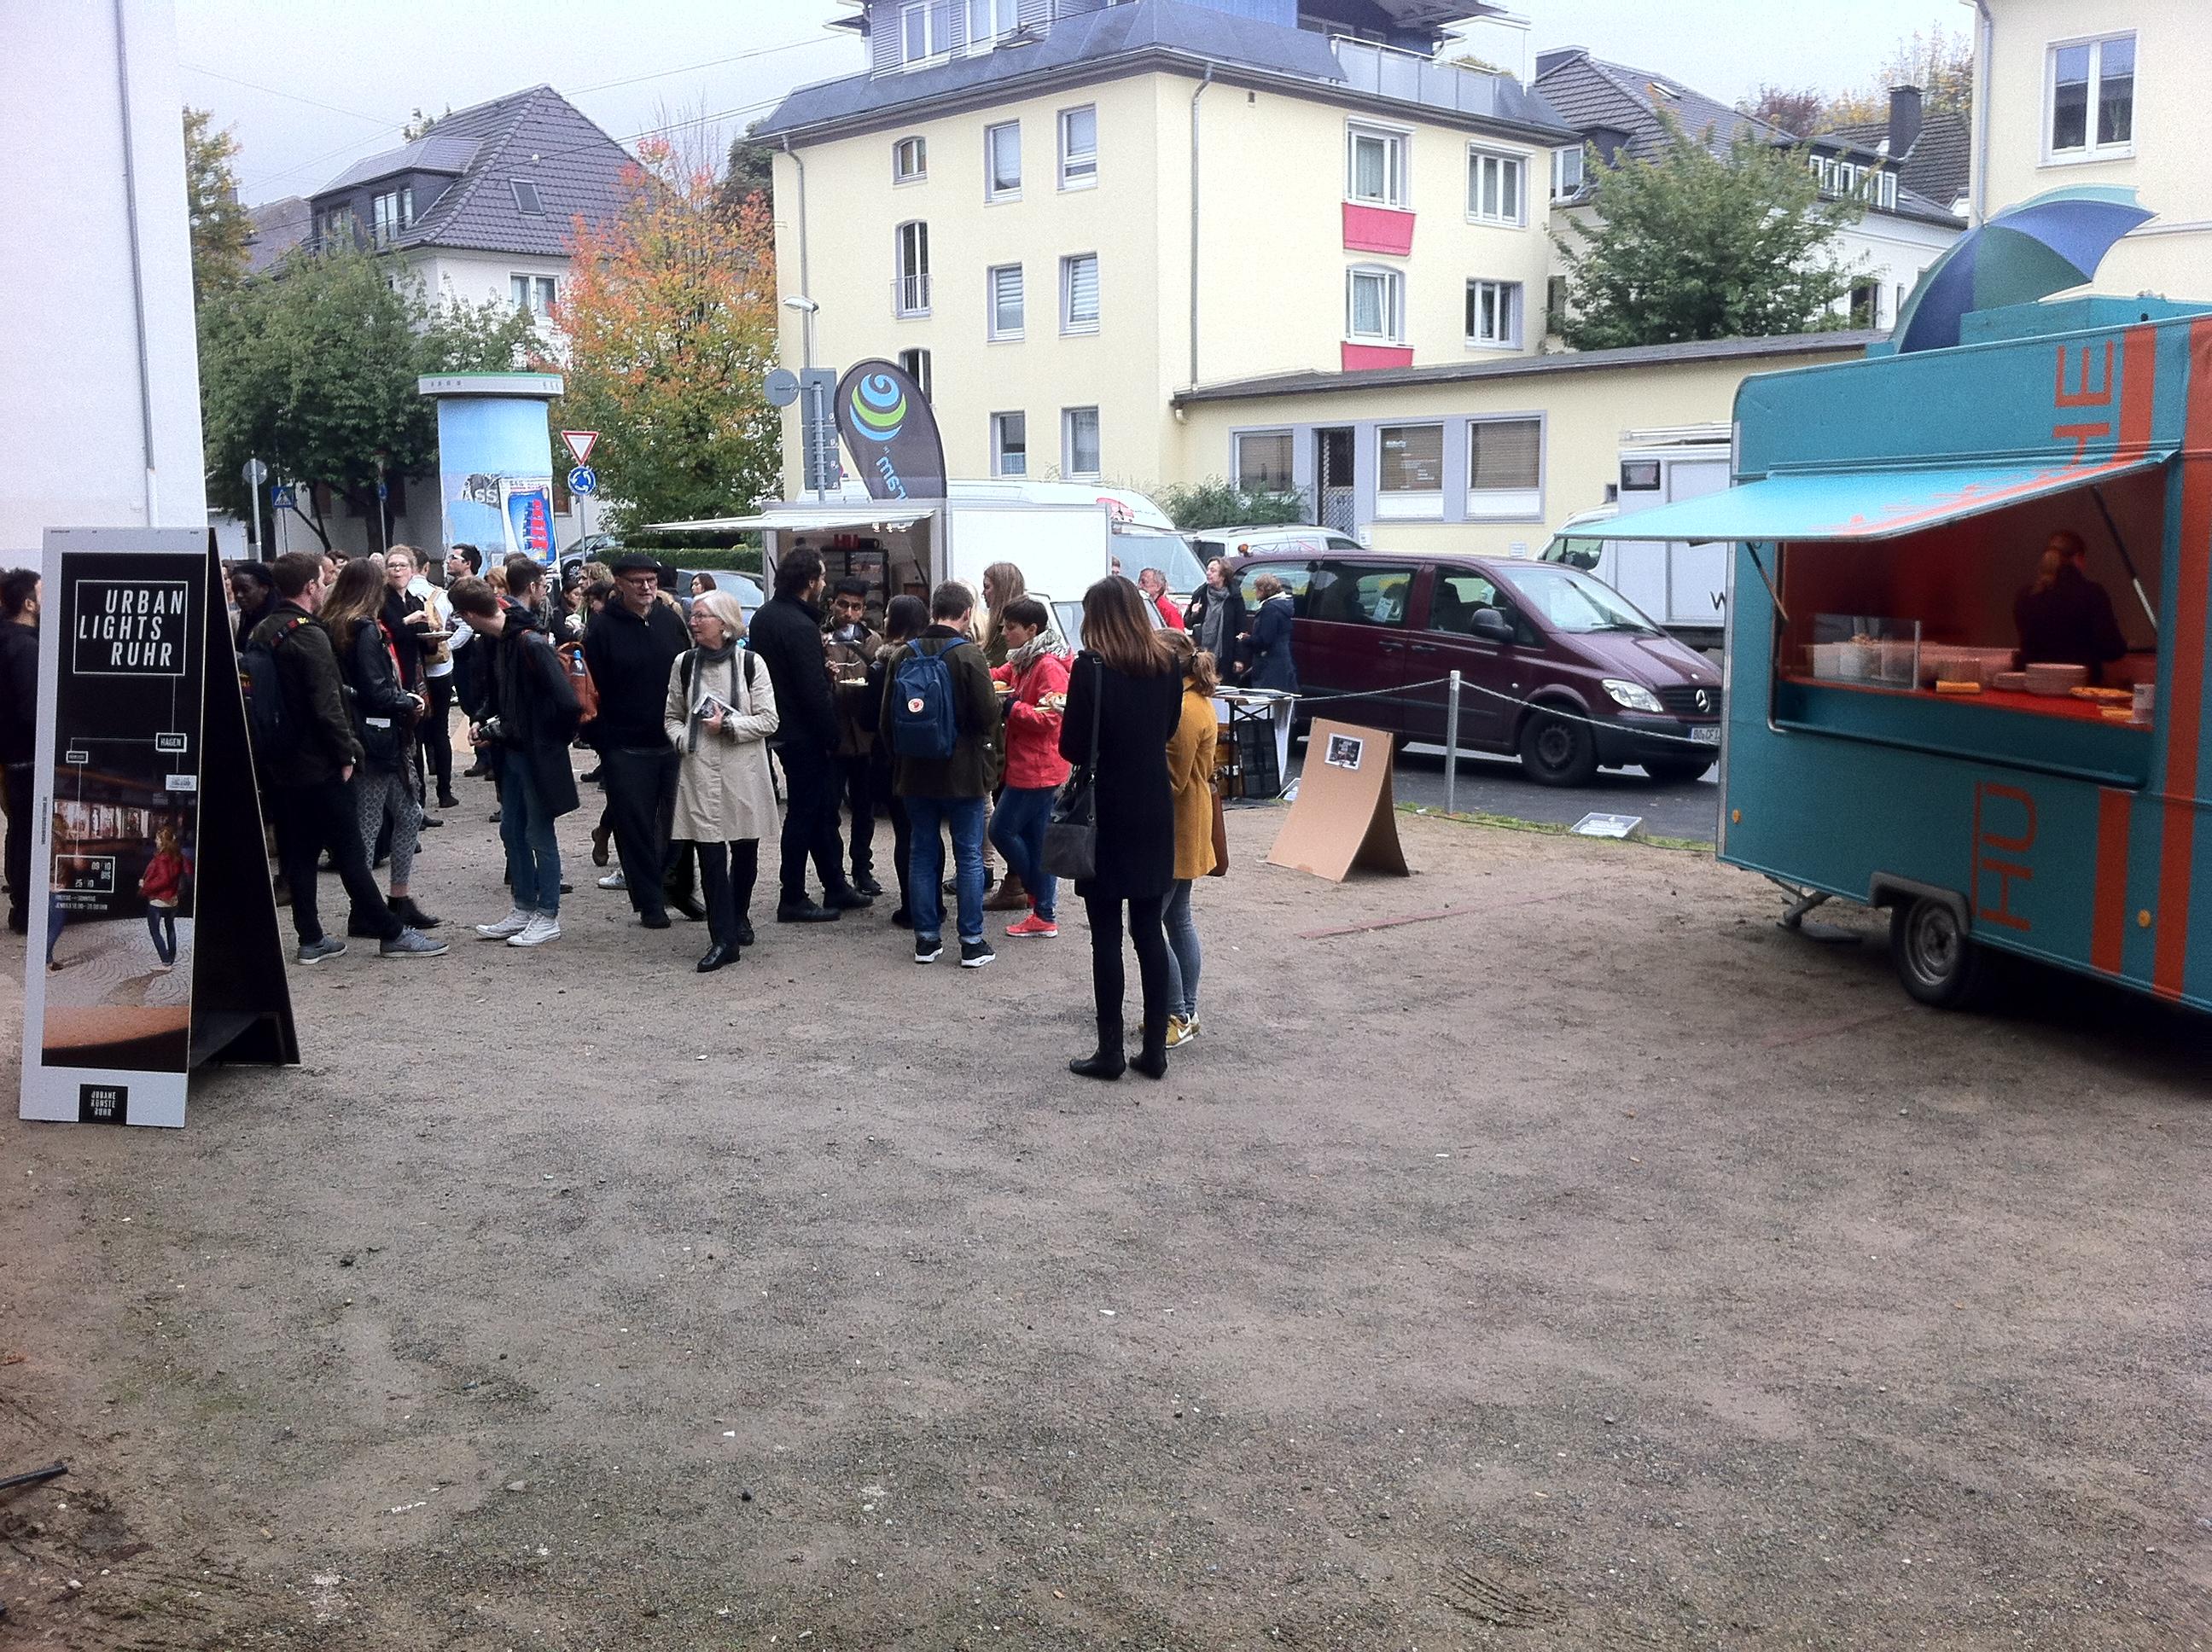 HUstadt mobil bei Eröffnung von Urban Lights Ruhr 2015 in Hagen